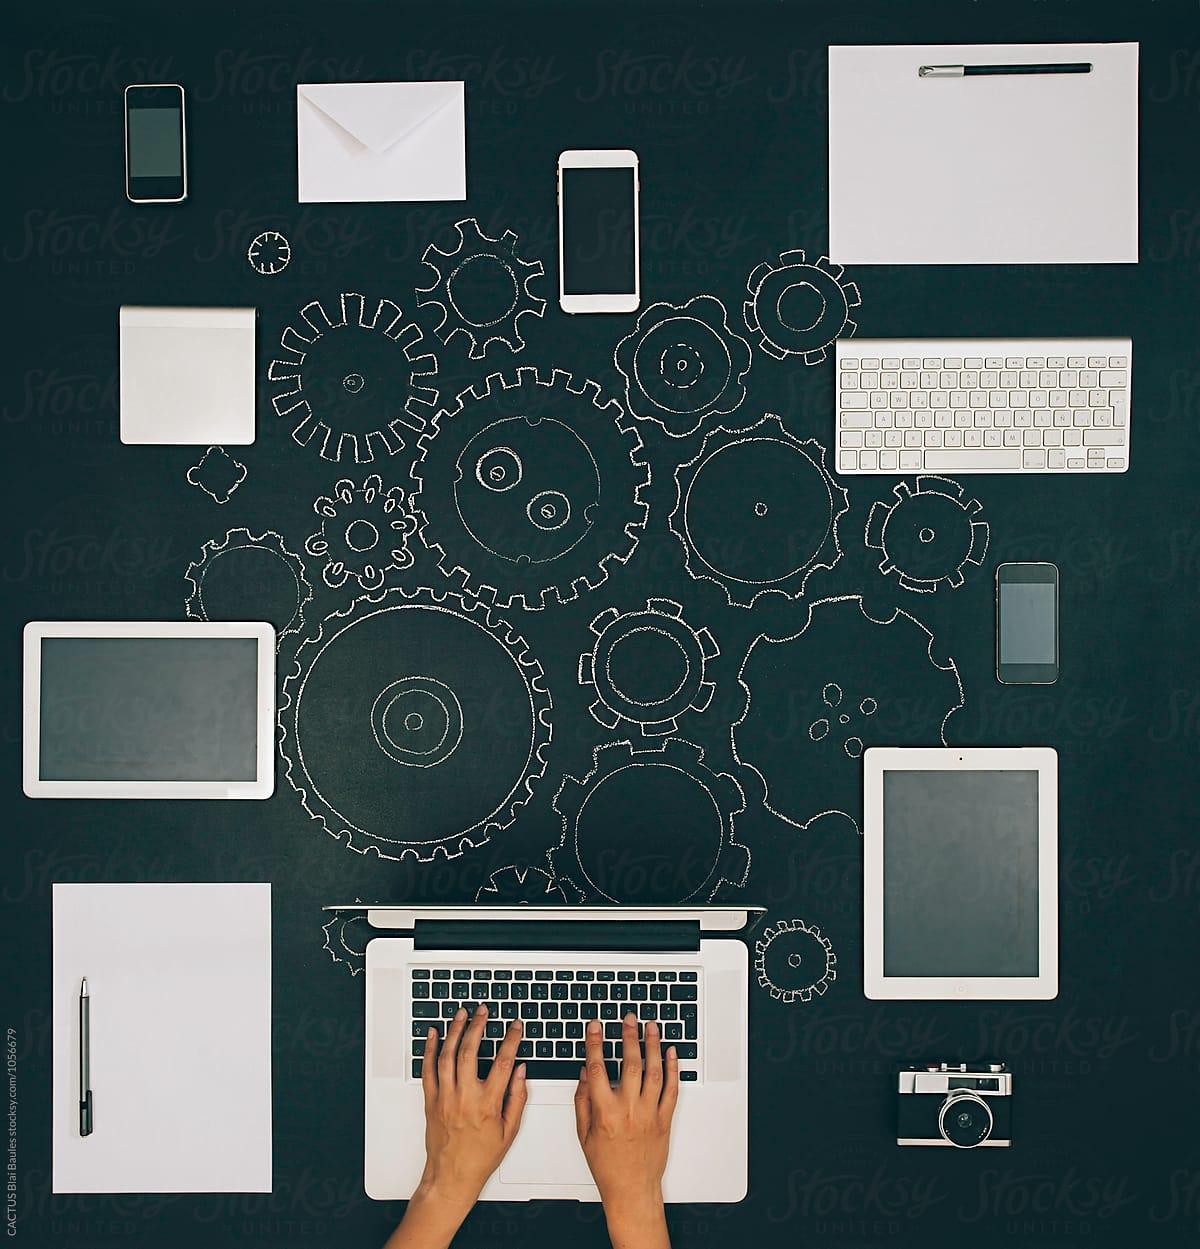 Objets connectés : l'avenir d'internet